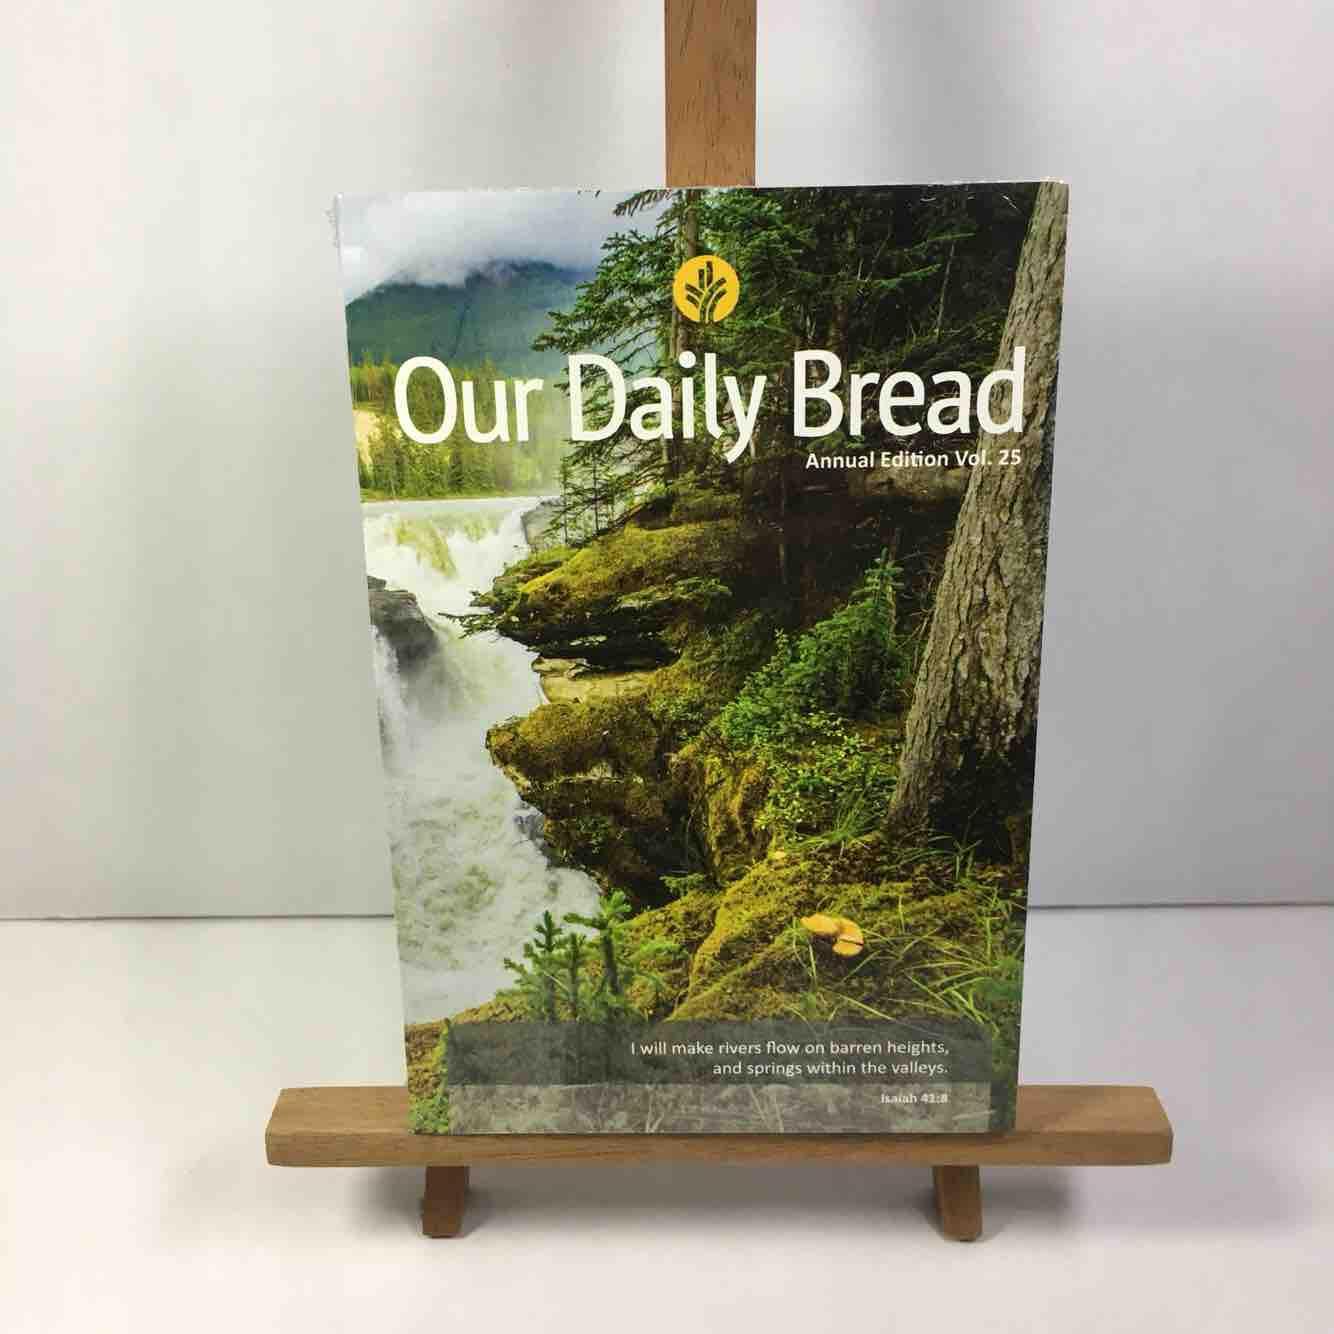 Best Bread Books 2019 English Religion Books for sale   Religious Books best seller